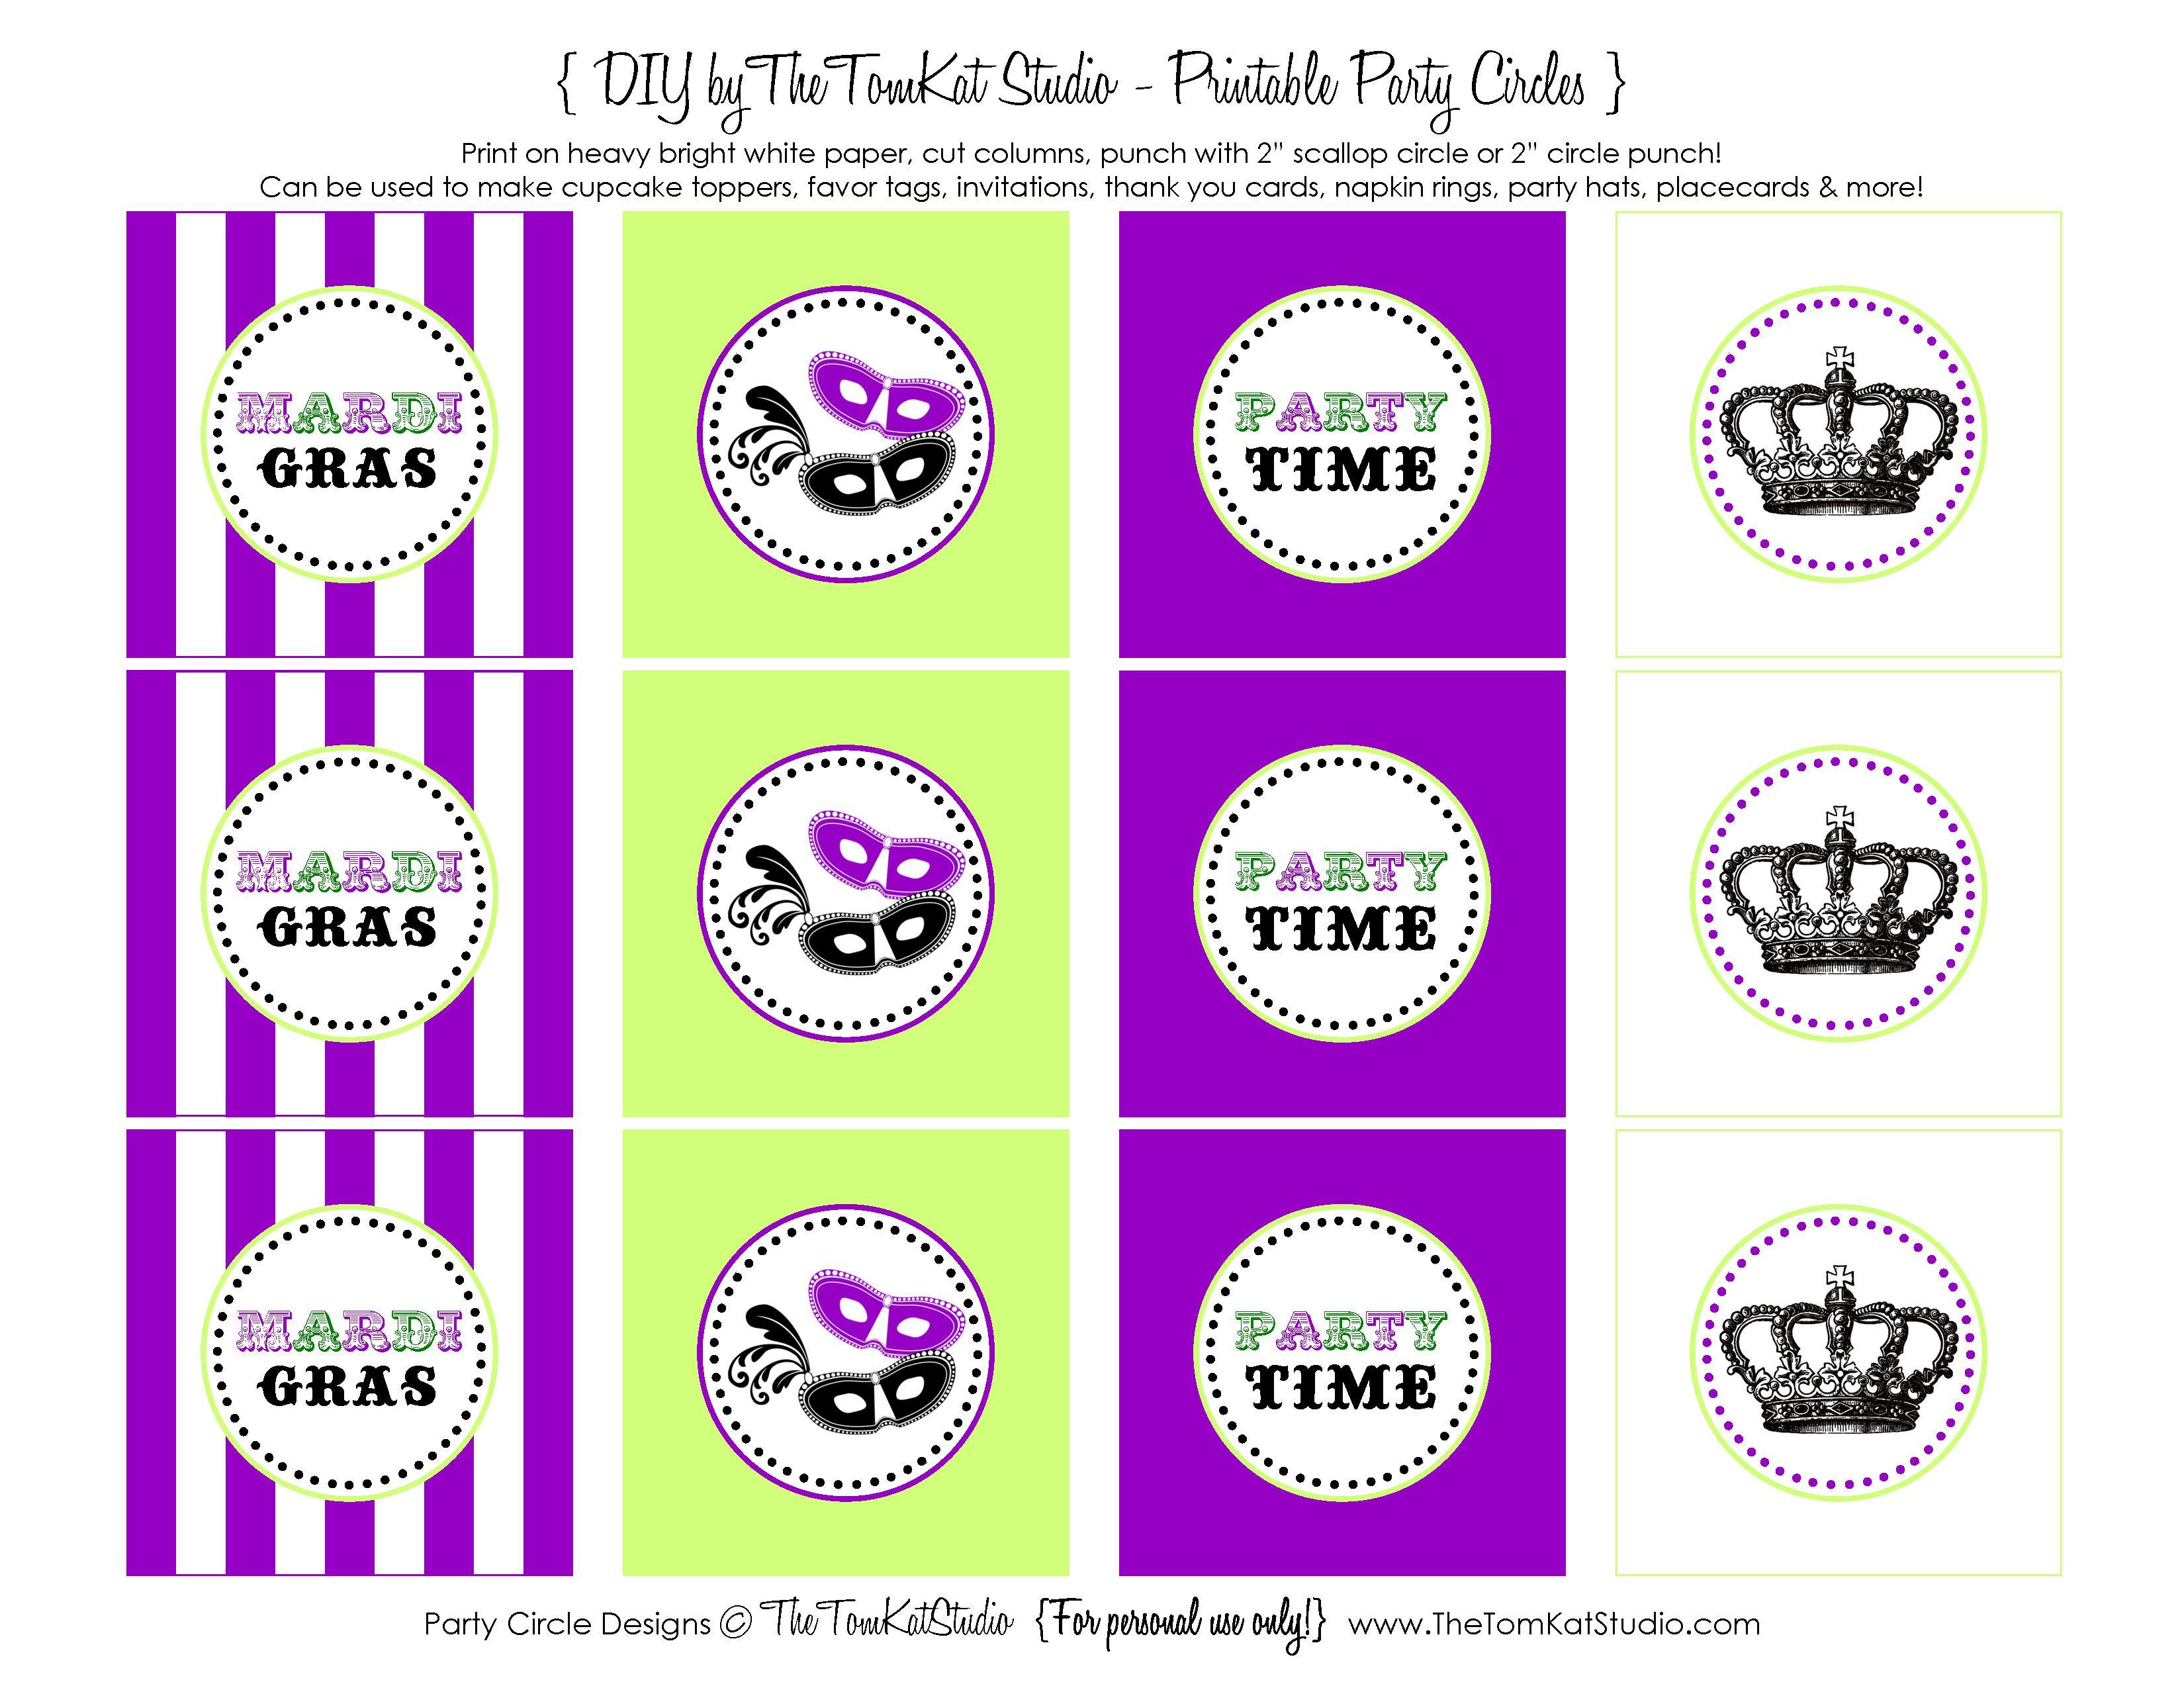 Free Printable} Mardi Gras Party Circles!   The Tomkat Studio Blog - Free Printable Party Circles